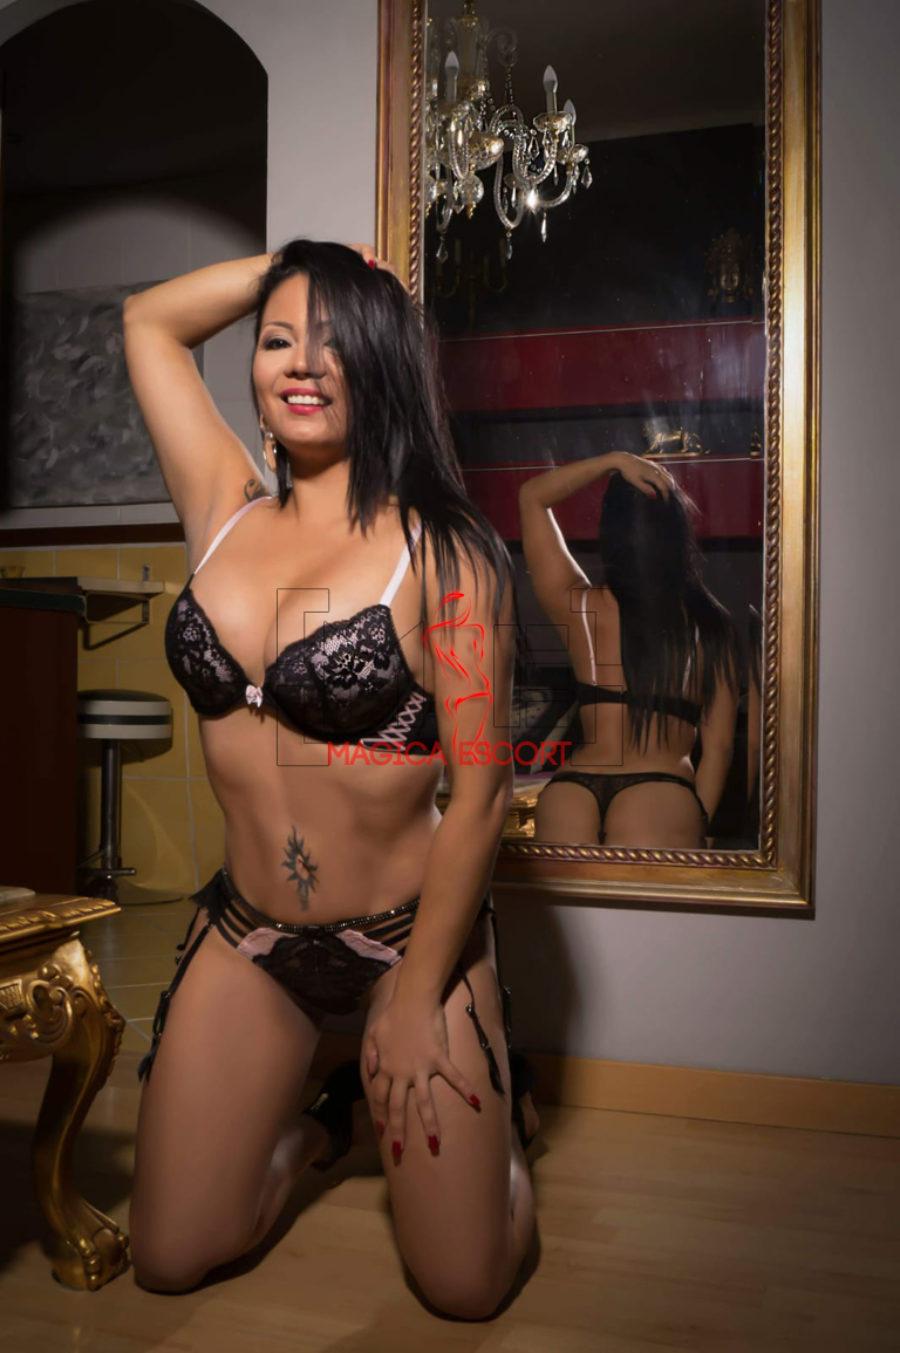 Vanessa accompagnatrice colombiana fotografata allo specchio che mette in risalto il suo splendido corpo. Magica Escort